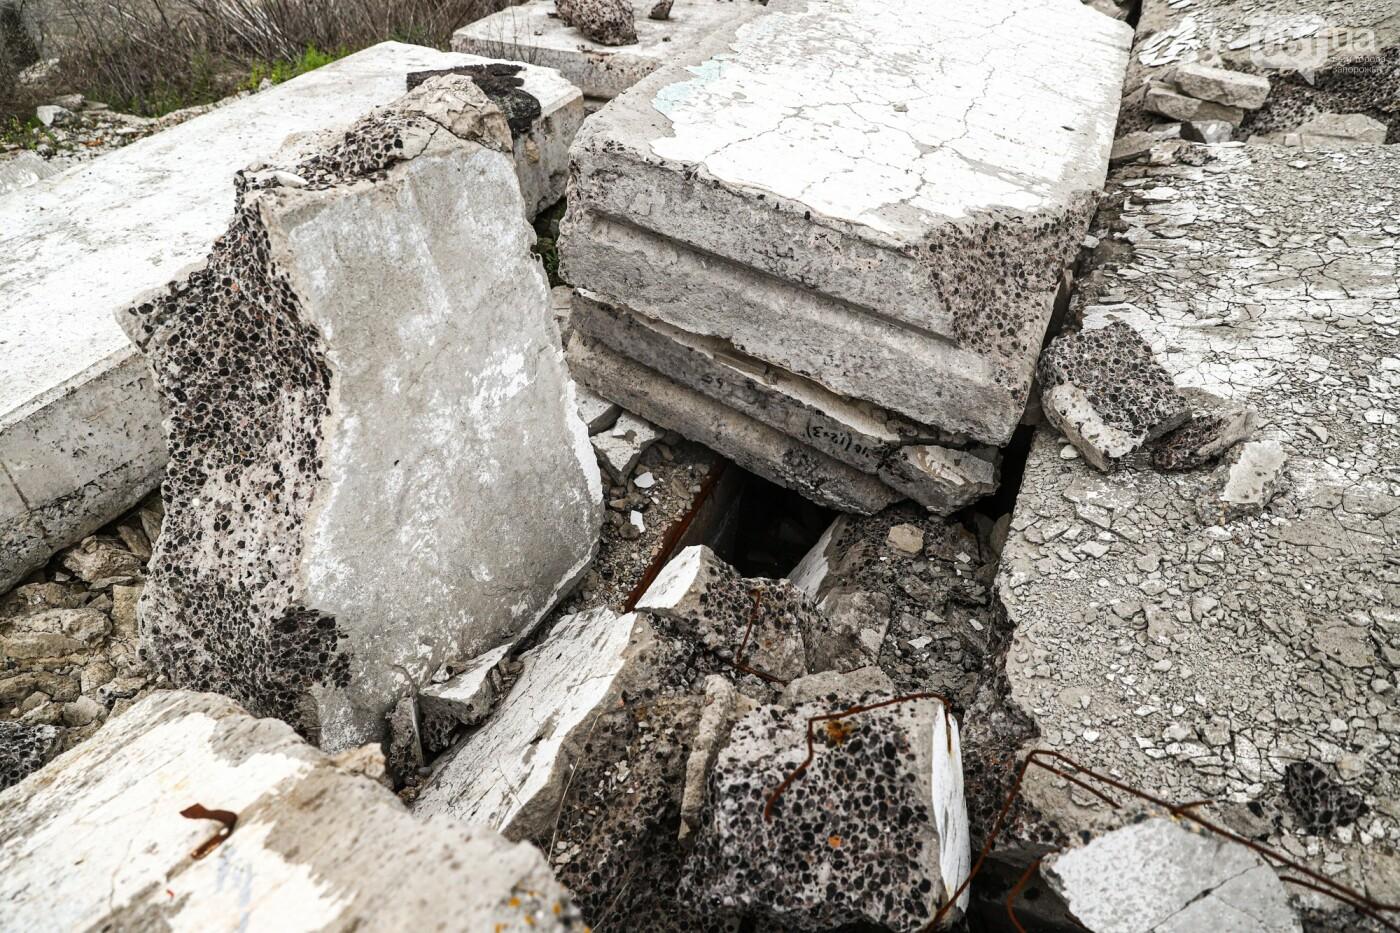 В Степногорске пытаются разобрать на металлолом шахту - промплощадка ГОКа превратилась в руины, - ФОТОРЕПОРТАЖ , фото-29